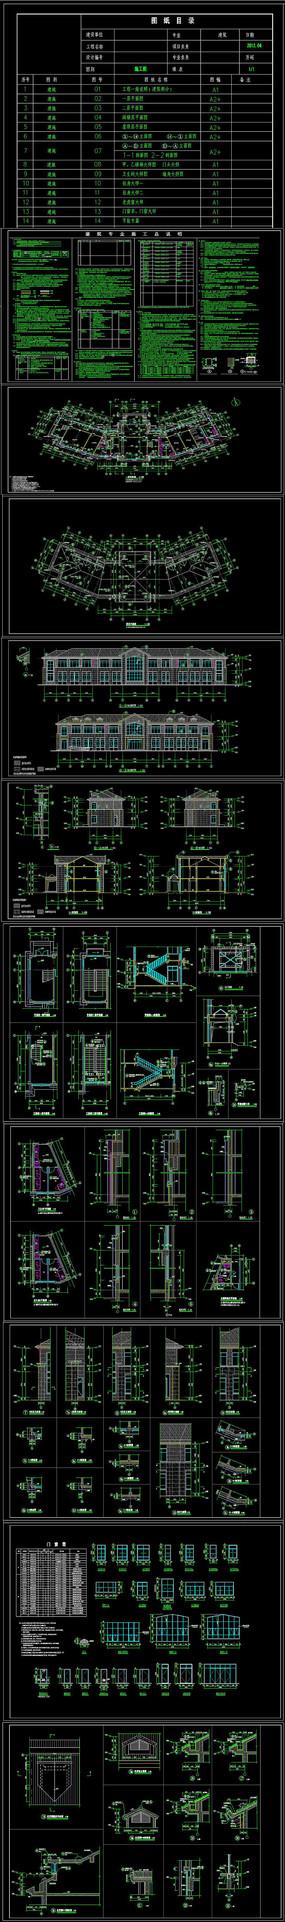 CAD中式风格老年人活动中心建筑施工图